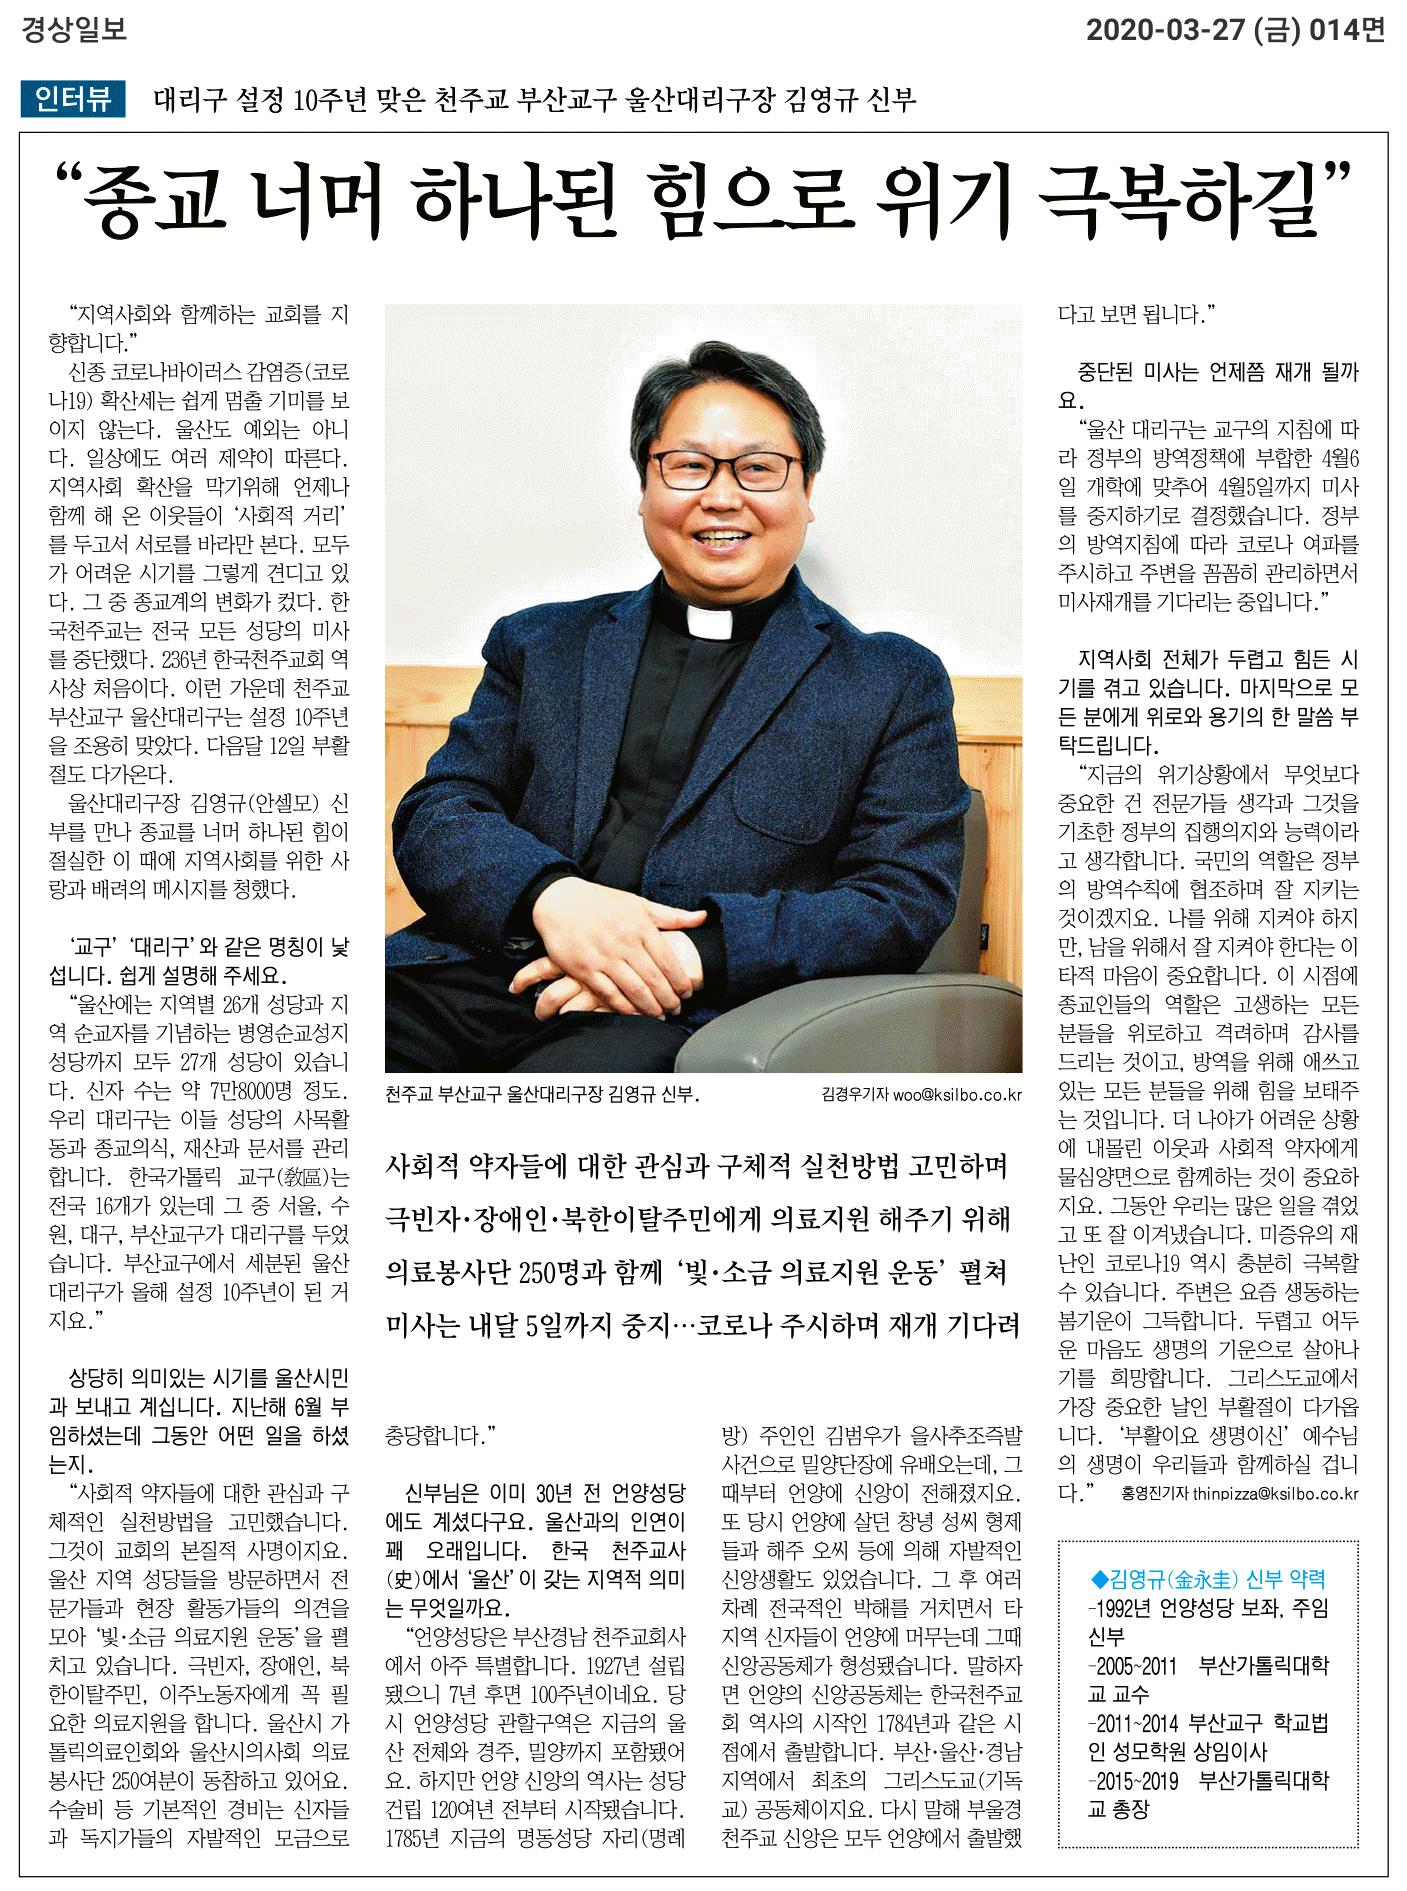 경상일보 대리구장 신부님 인터뷰 기사.png